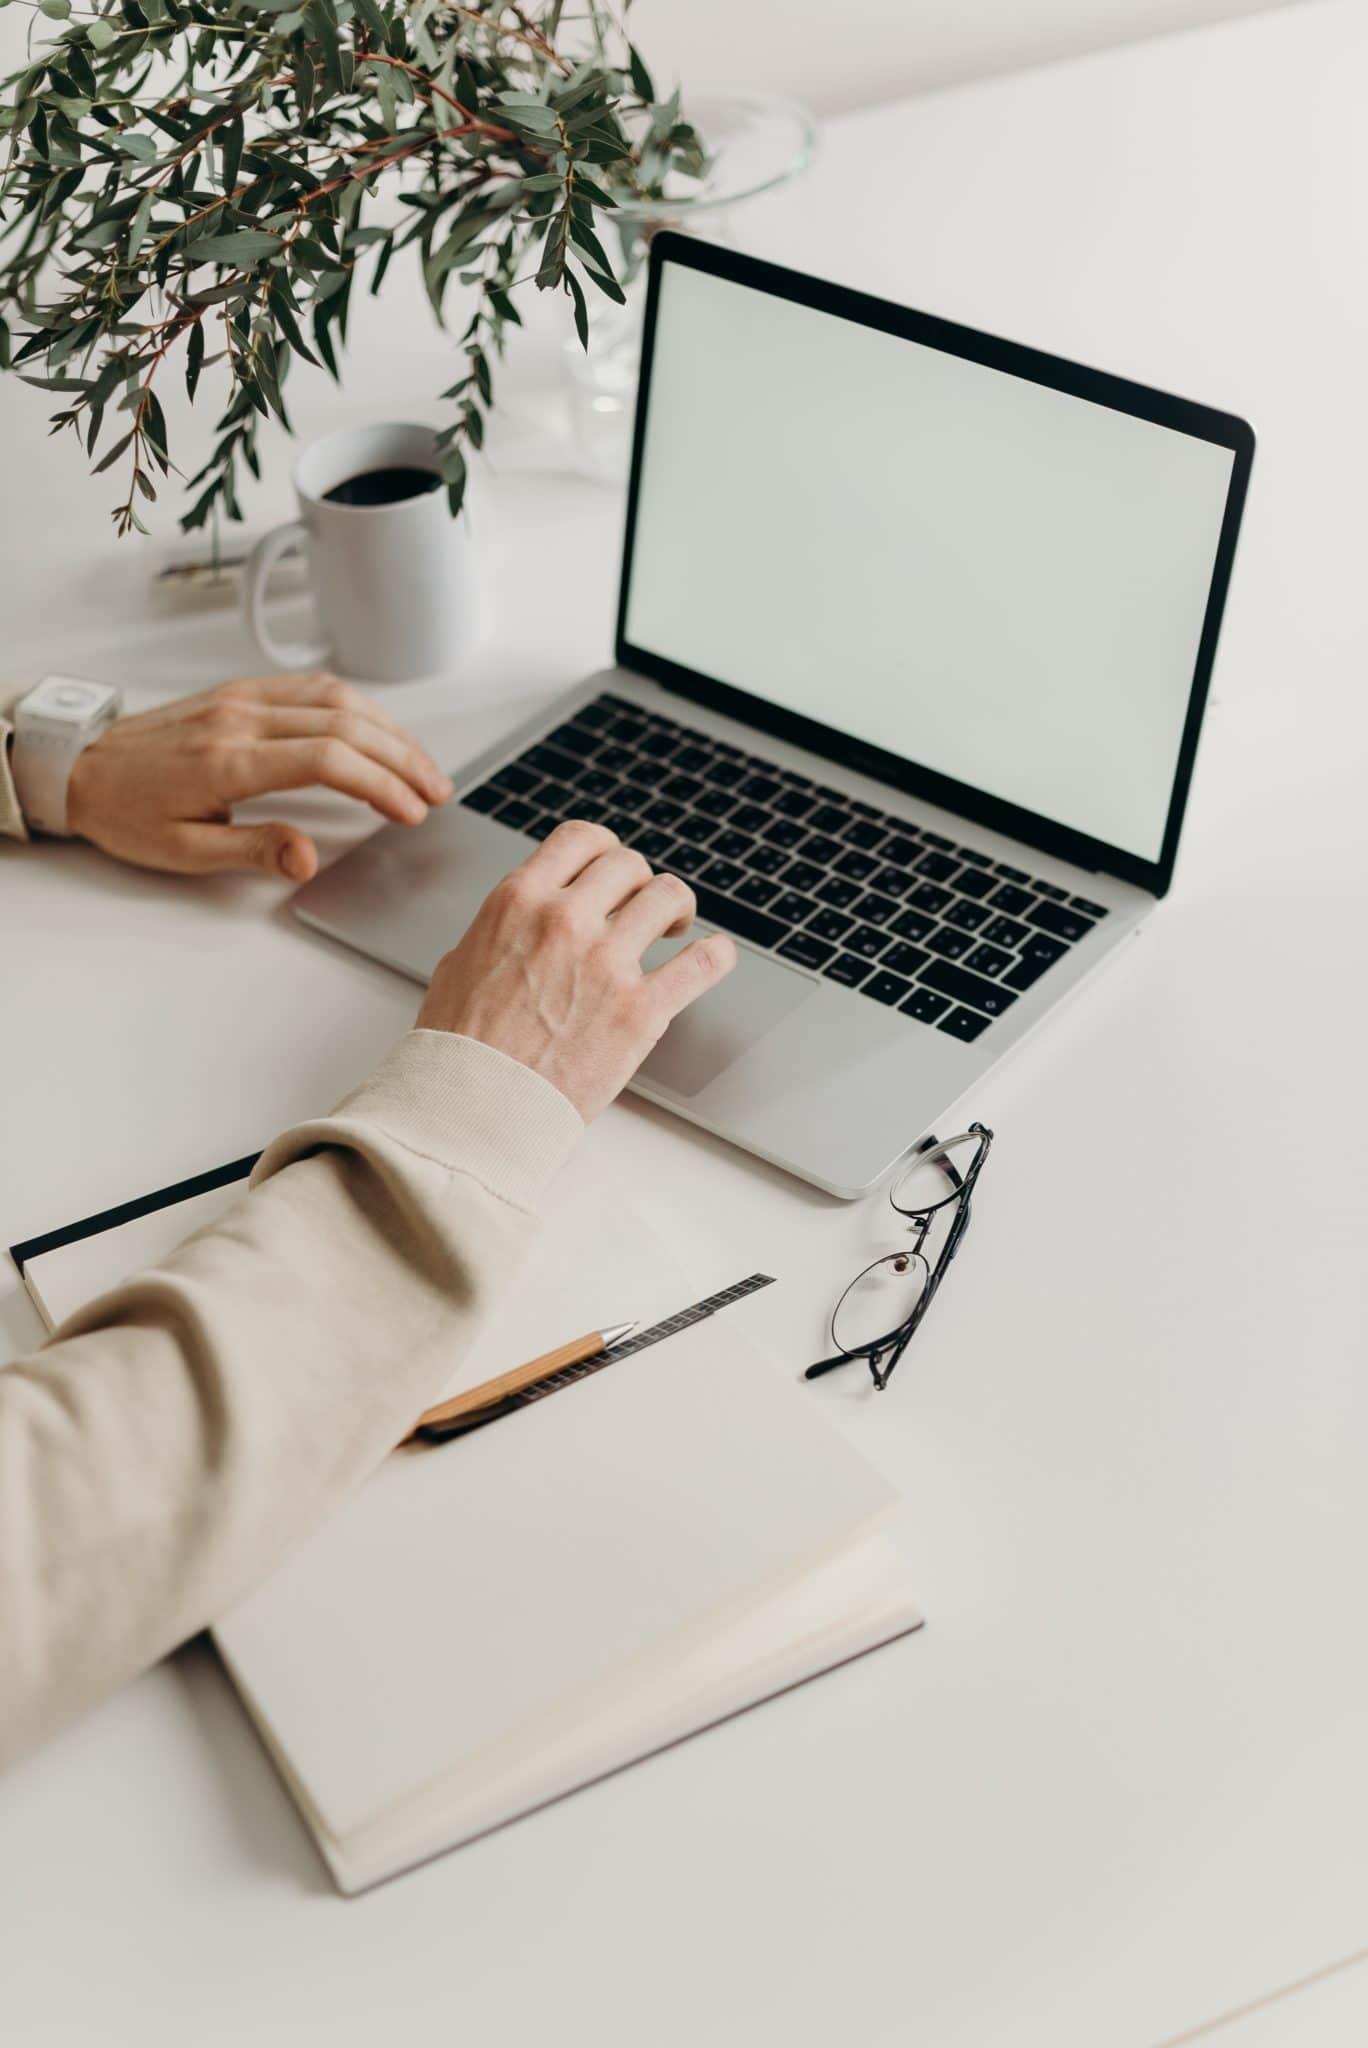 FCA survey – Credit broking